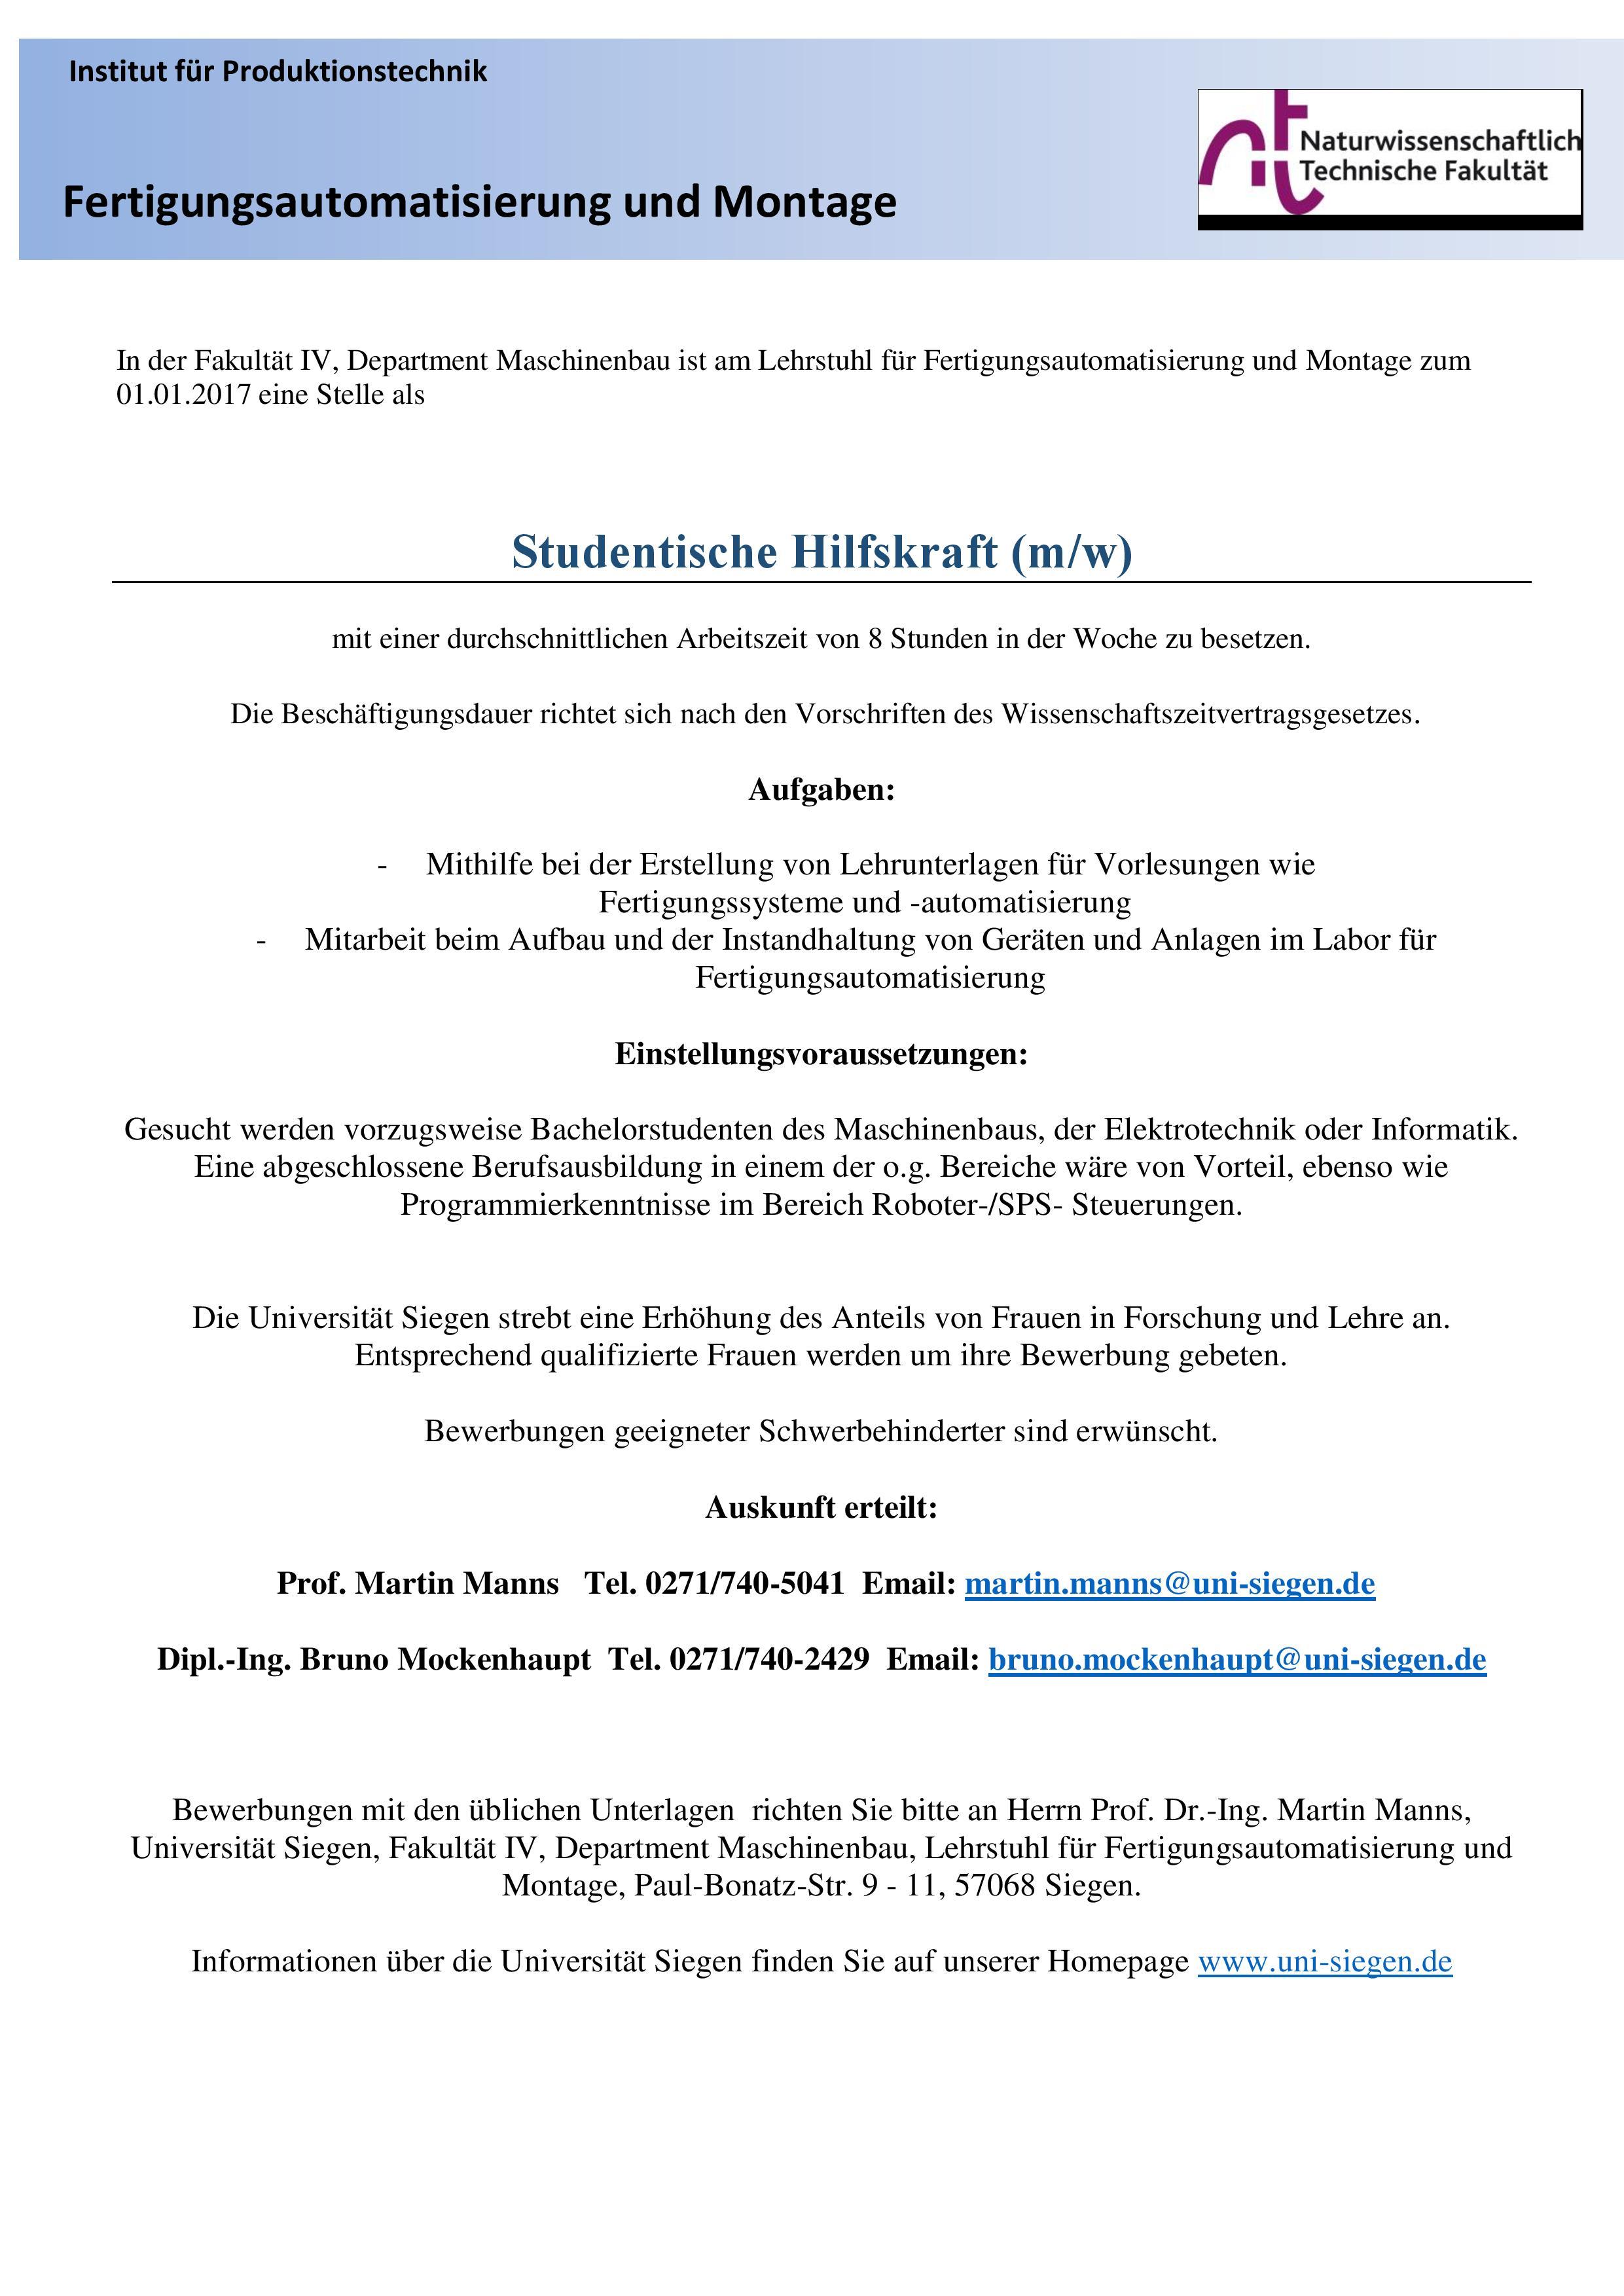 shk ii lehrstuhl fr fertigungsautomatisierung - Bewerbung Vorpraktikum